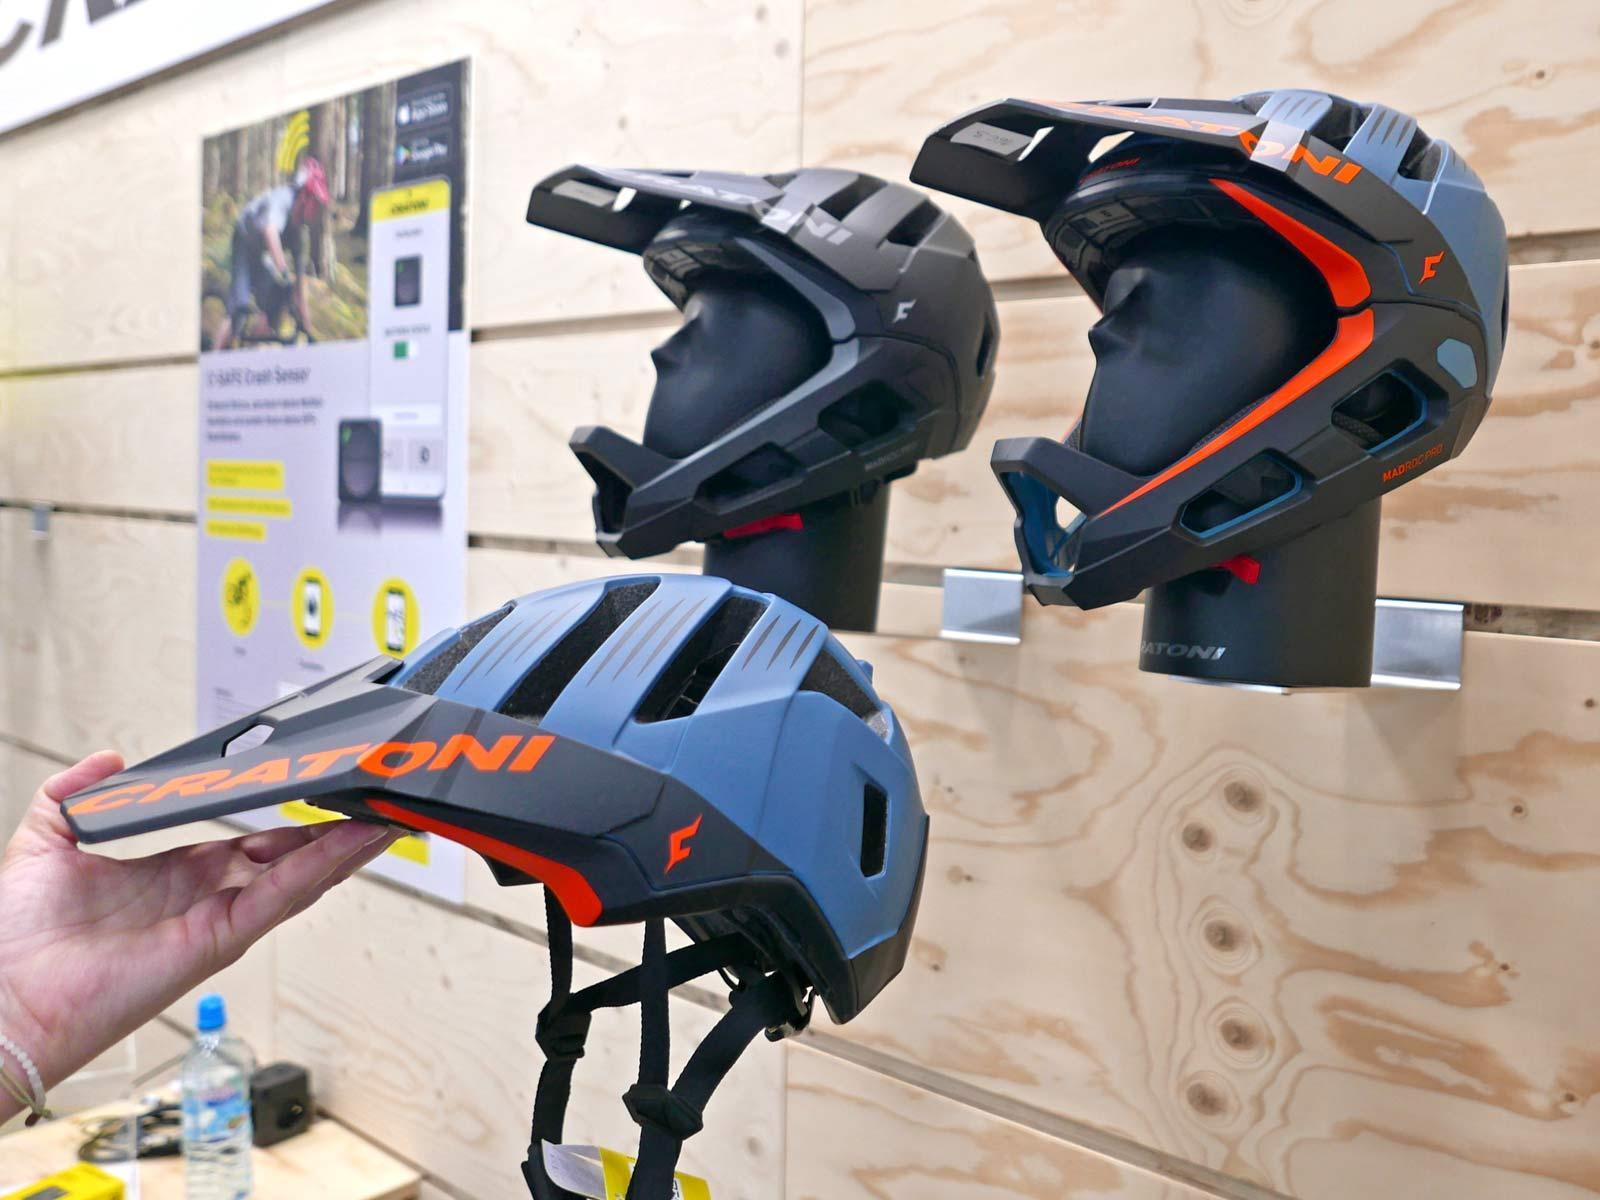 Madroc Pro smart convertible full face MTB helmet, colors